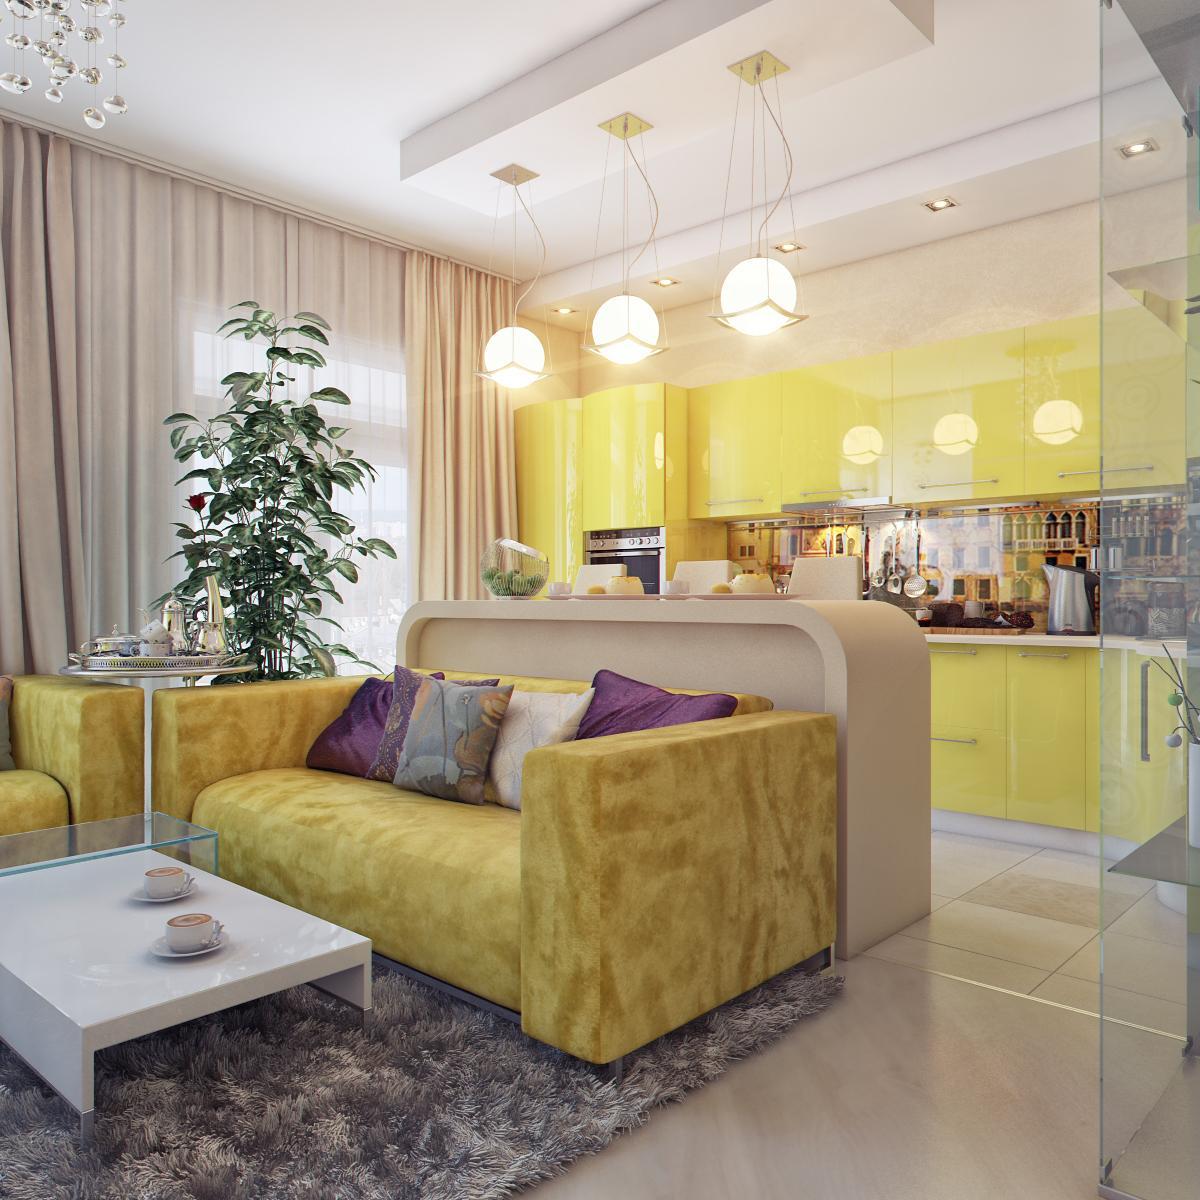 Как продумать дизайн кухни совмещенной с гостиной в хрущевке.